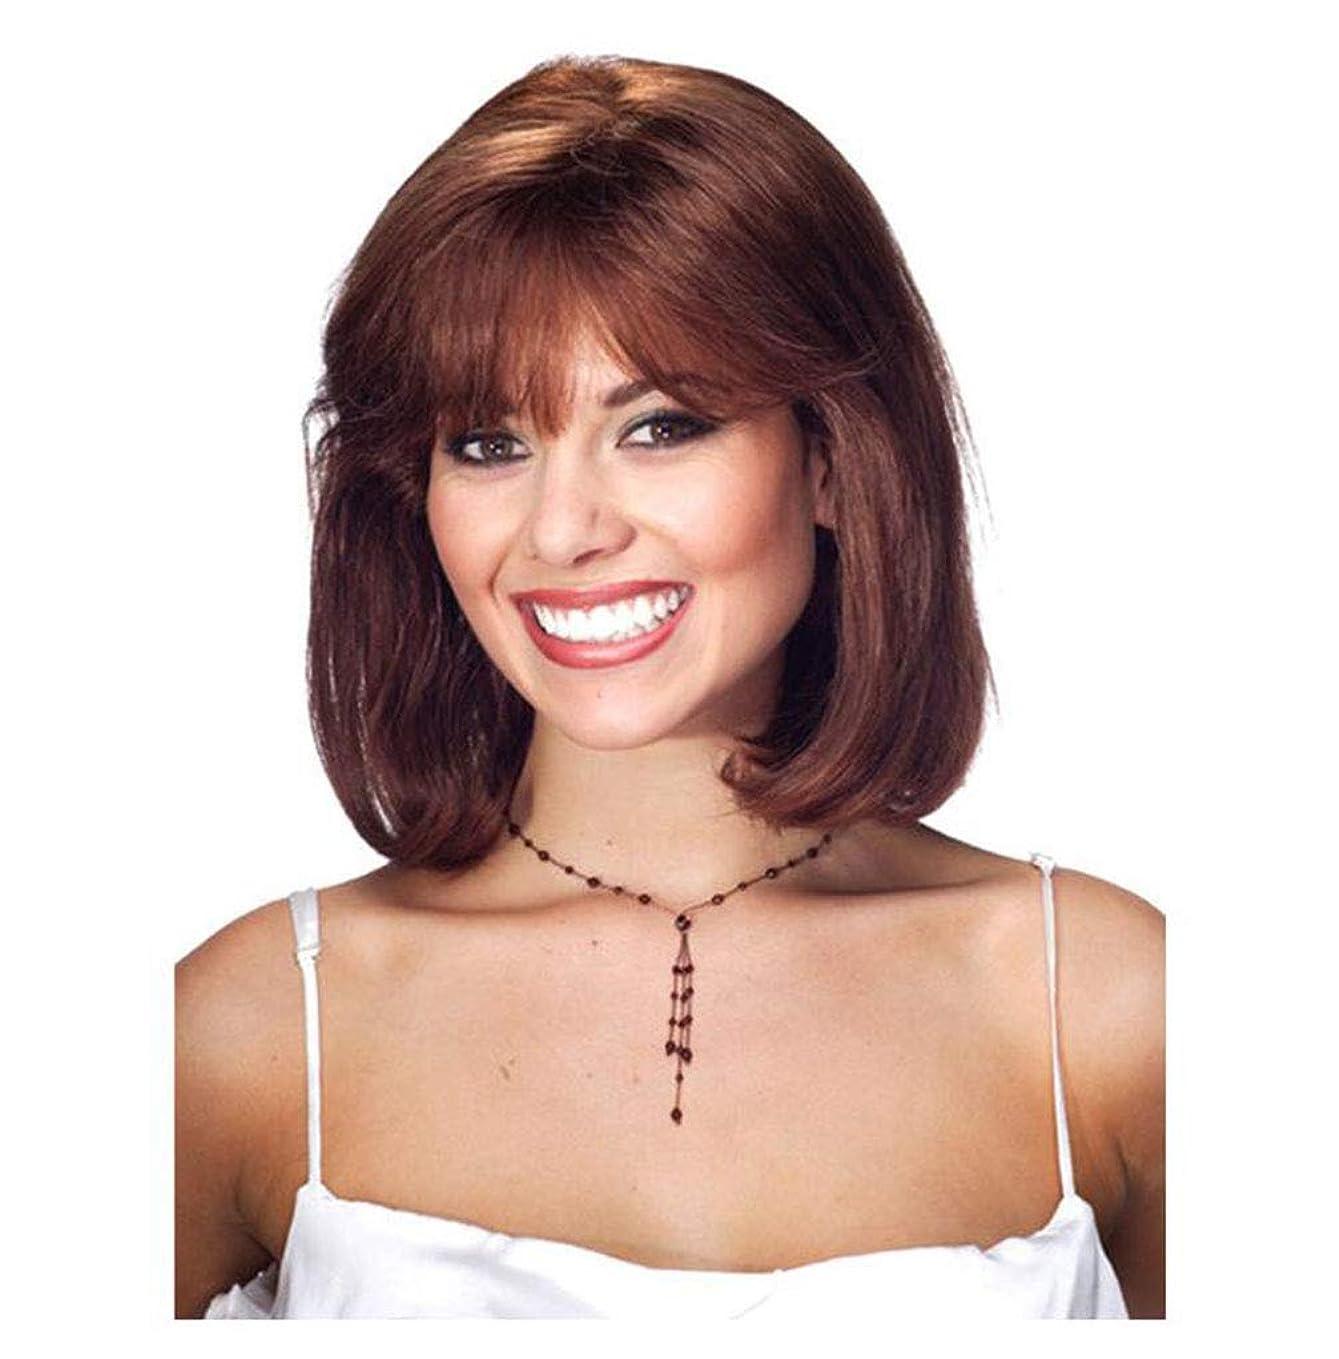 容器サイクロプスカニ女性のための前髪の短い波状の縮れ毛ヘアピースウィッグ - 日常やコスチュームパーティーのためのナチュラルな外観と耐熱性の完全な頭髪の交換